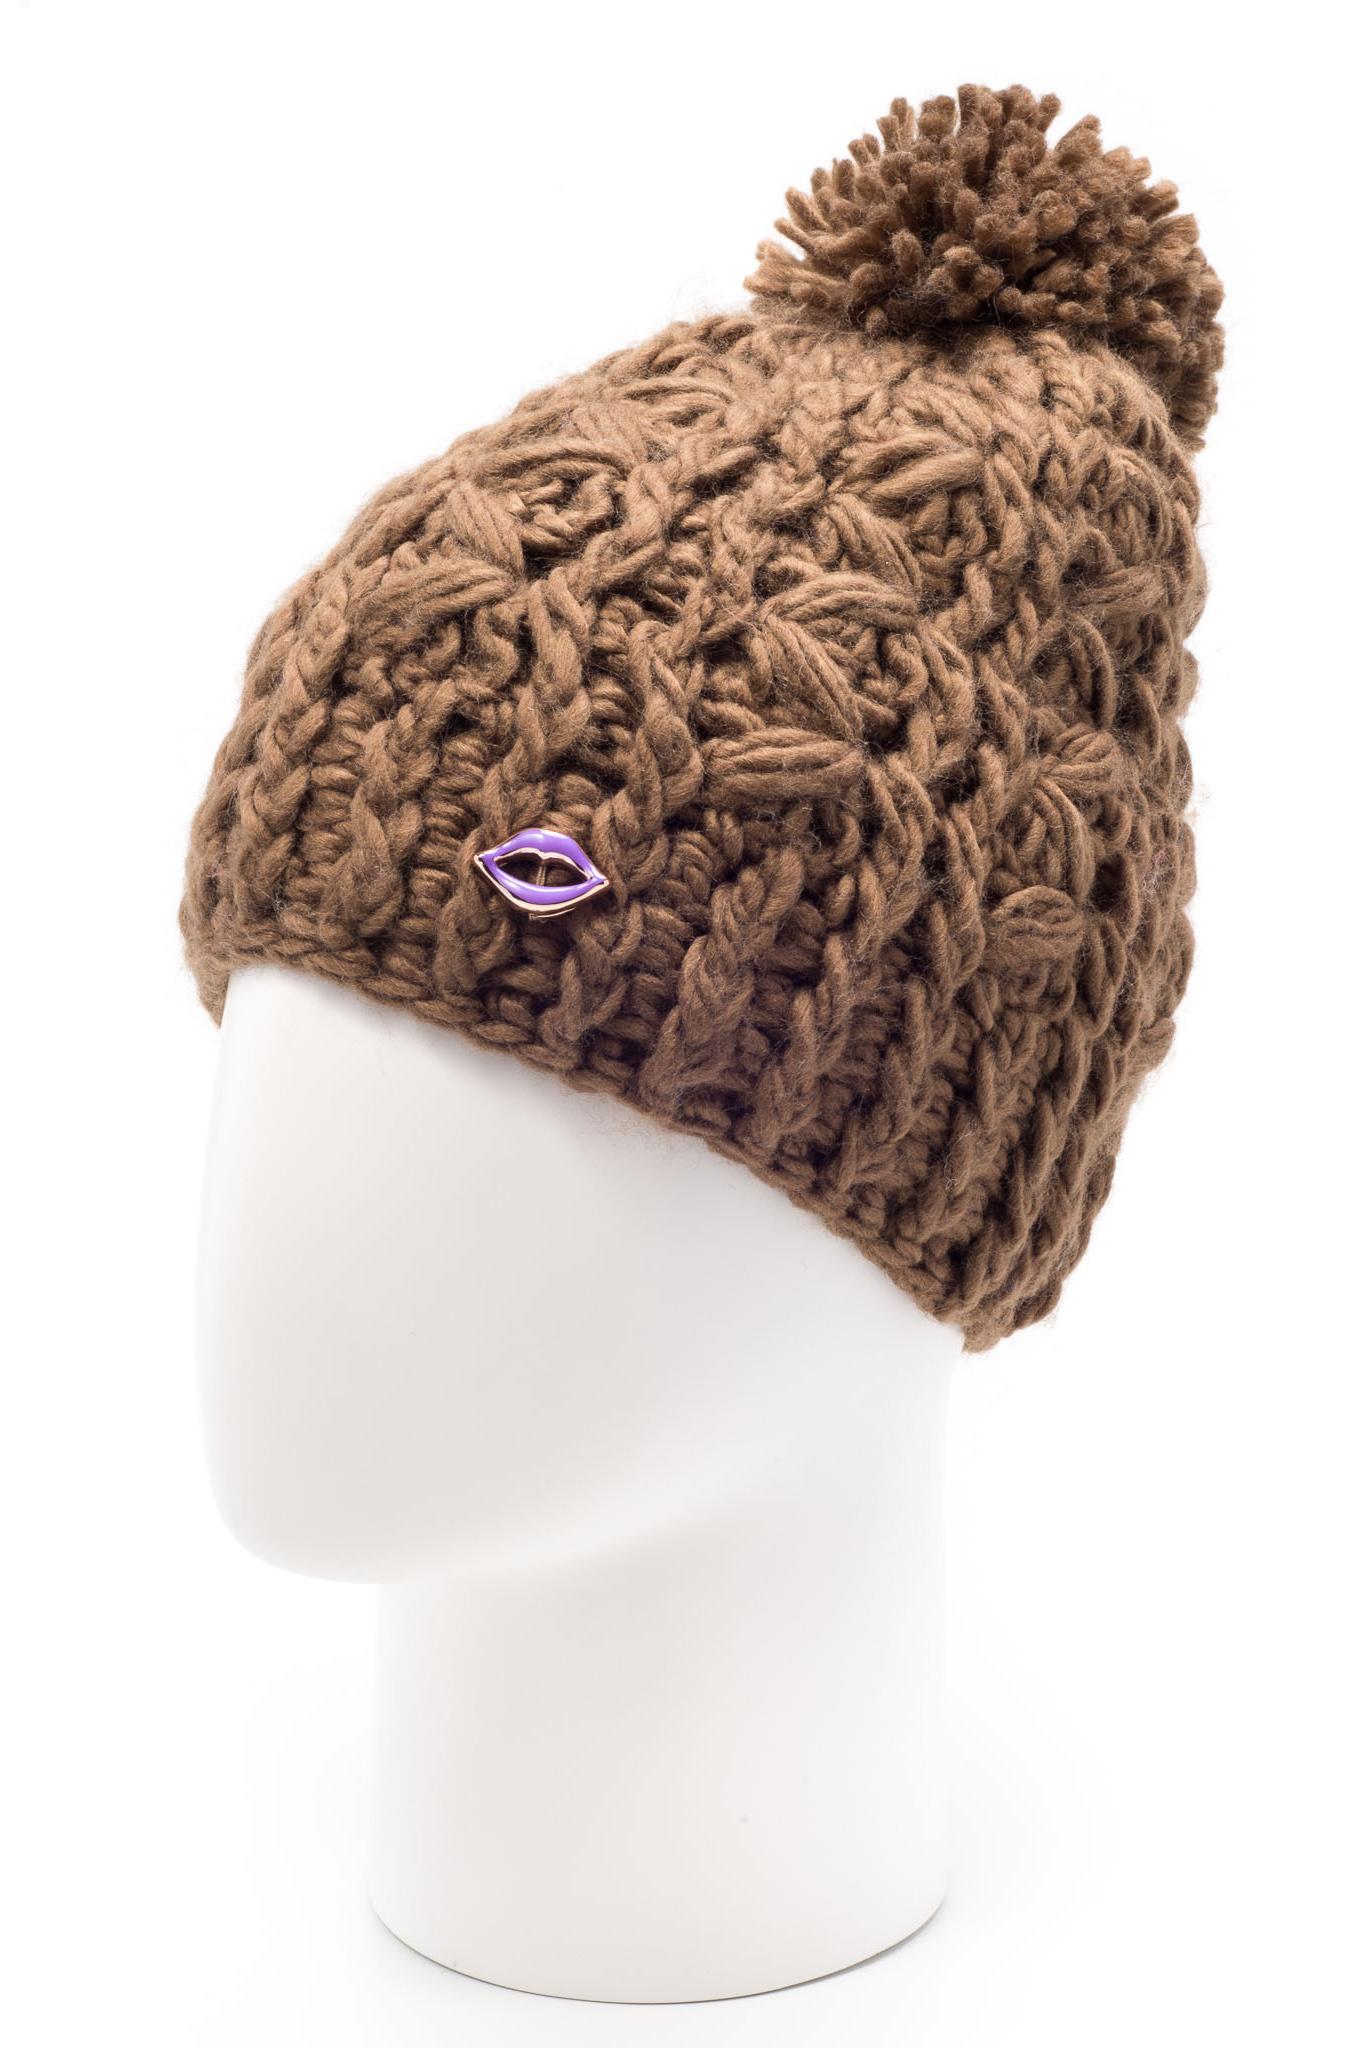 ШапкаШапки<br>Стильная шапка с помпоном защитит Вас от непогоды и станет прекрасным дополнением Вашего образа.  В изделии использованы цвета: бежевый<br><br>По материалу: Вязаные<br>По рисунку: Однотонные<br>По элементам: С декором<br>По сезону: Зима<br>Размер : universal<br>Материал: Вязаное полотно<br>Количество в наличии: 1